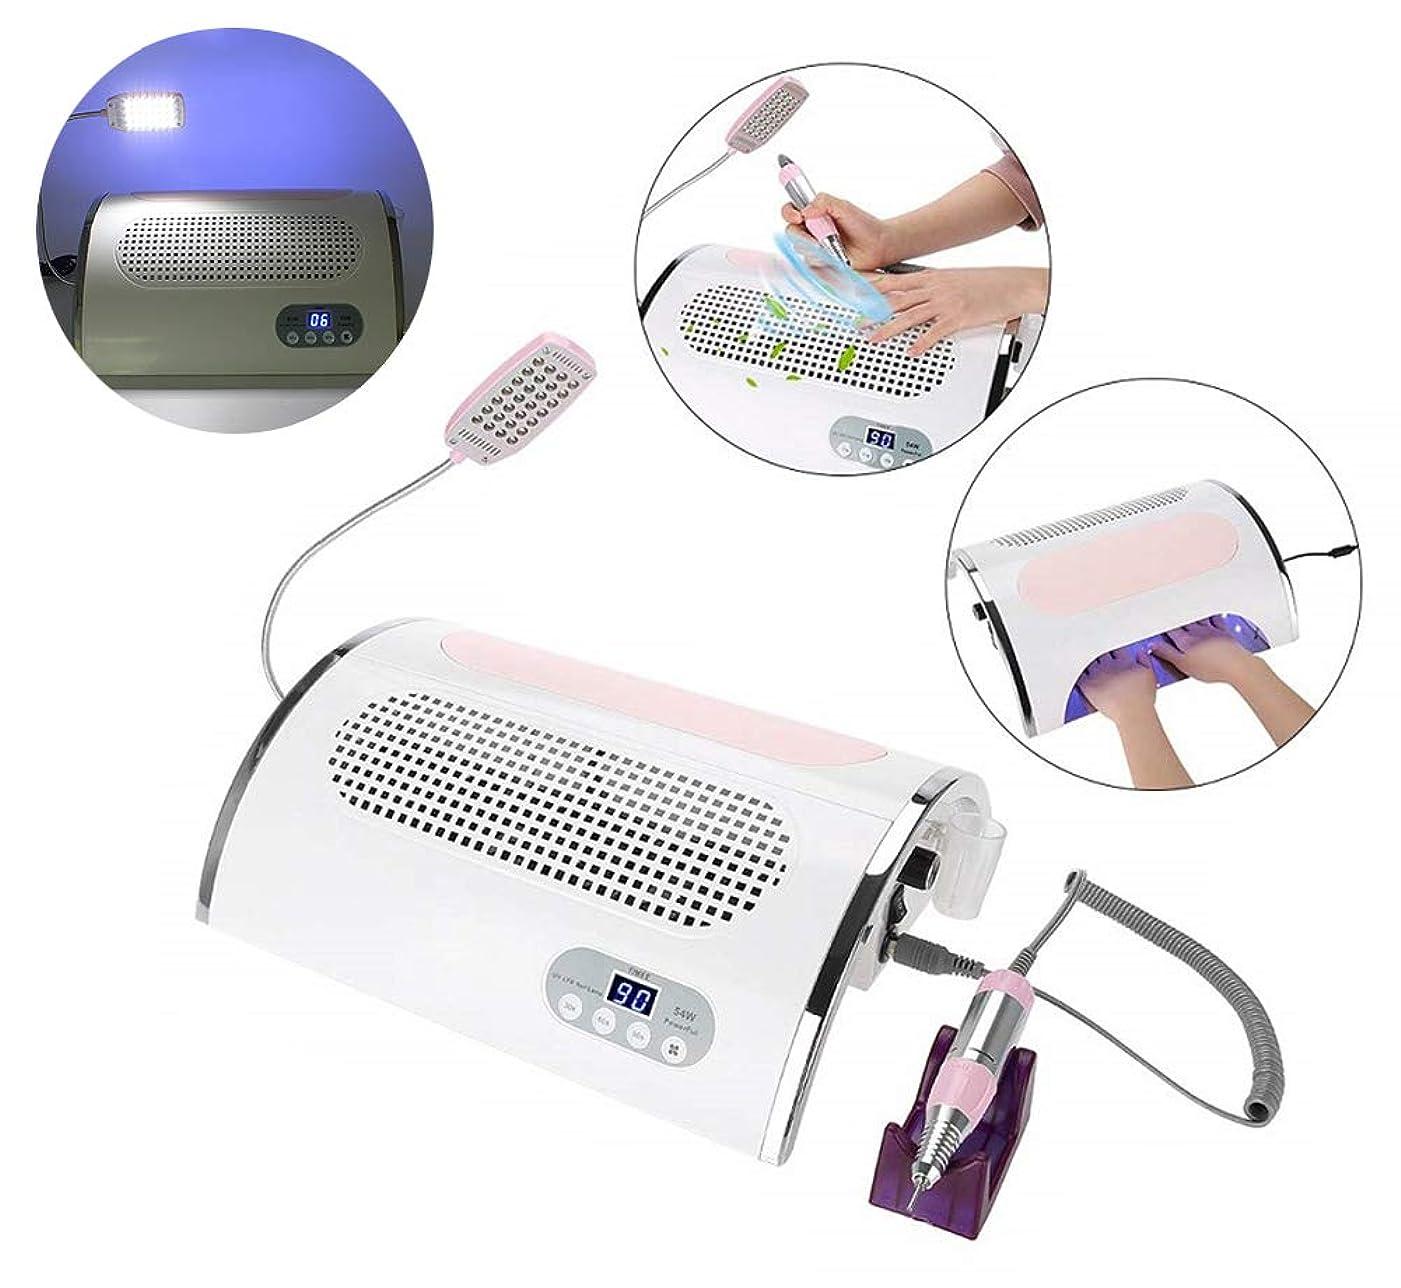 白雪姫自発的調停者4つ1つの多機能の電気釘のドリル機械、アクリルのゲルの釘のための照る充満ポーランド人の芸術用具を集める紫外線LEDの釘のドライヤーランプのゲル